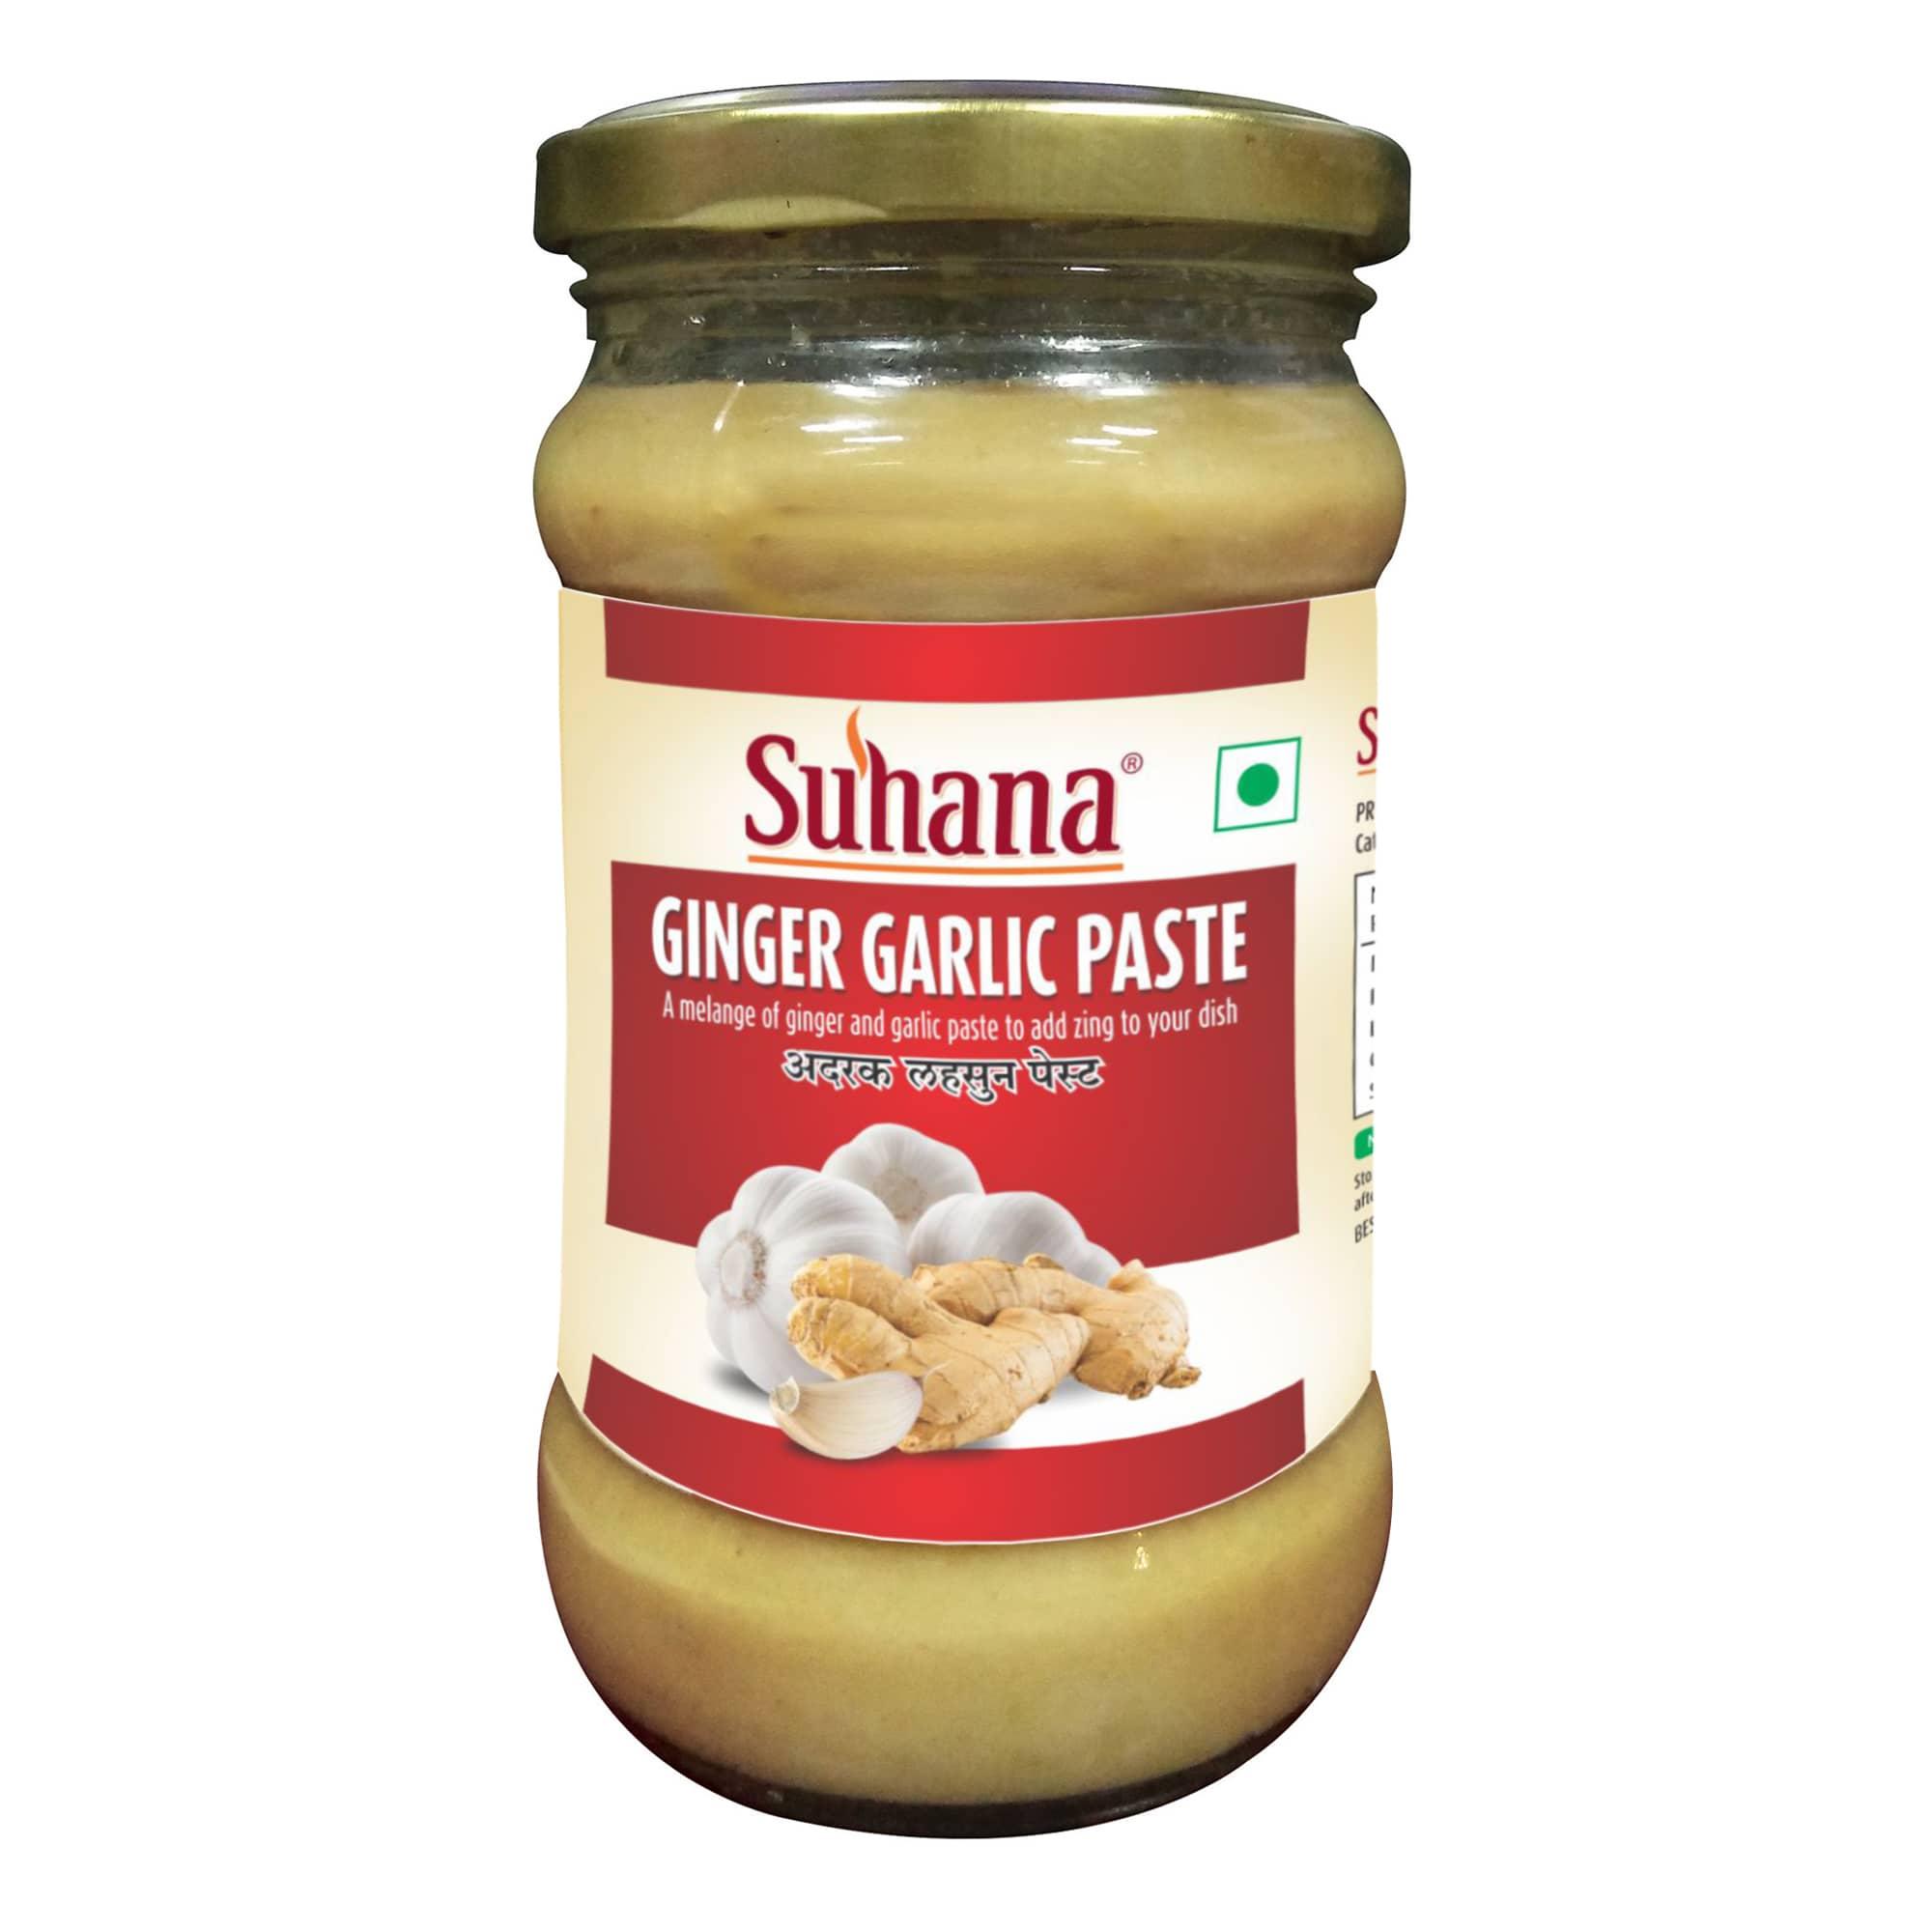 Suhana Ginger Garlic Paste Jar